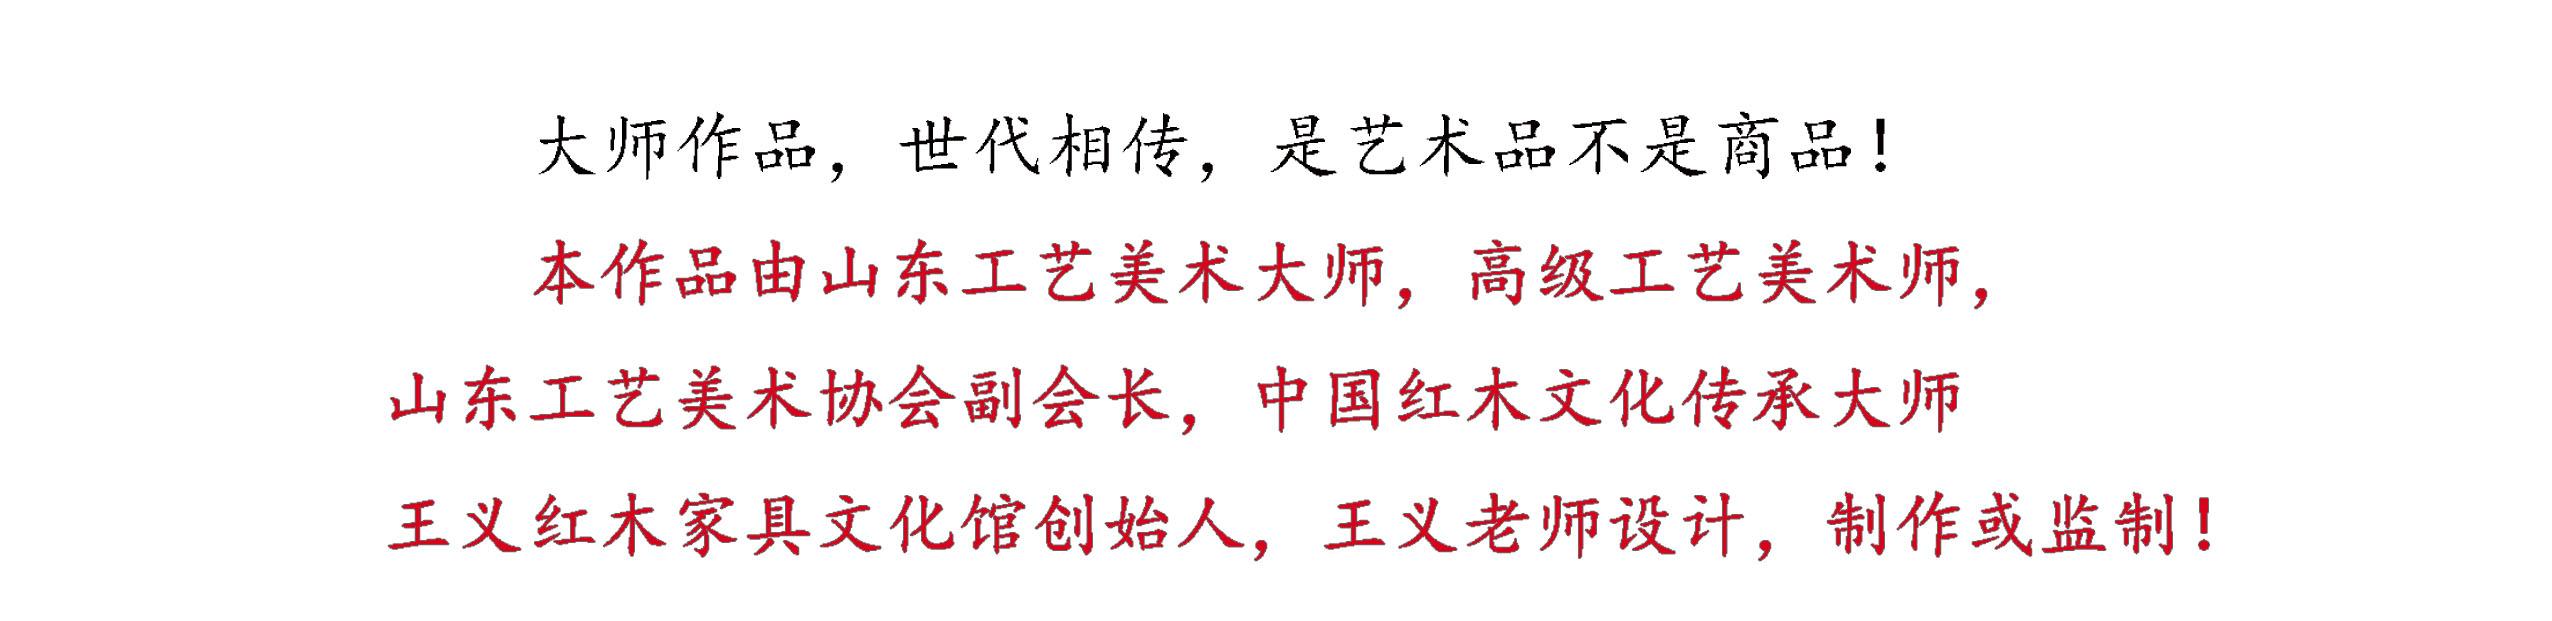 济宁王义红木15953747888